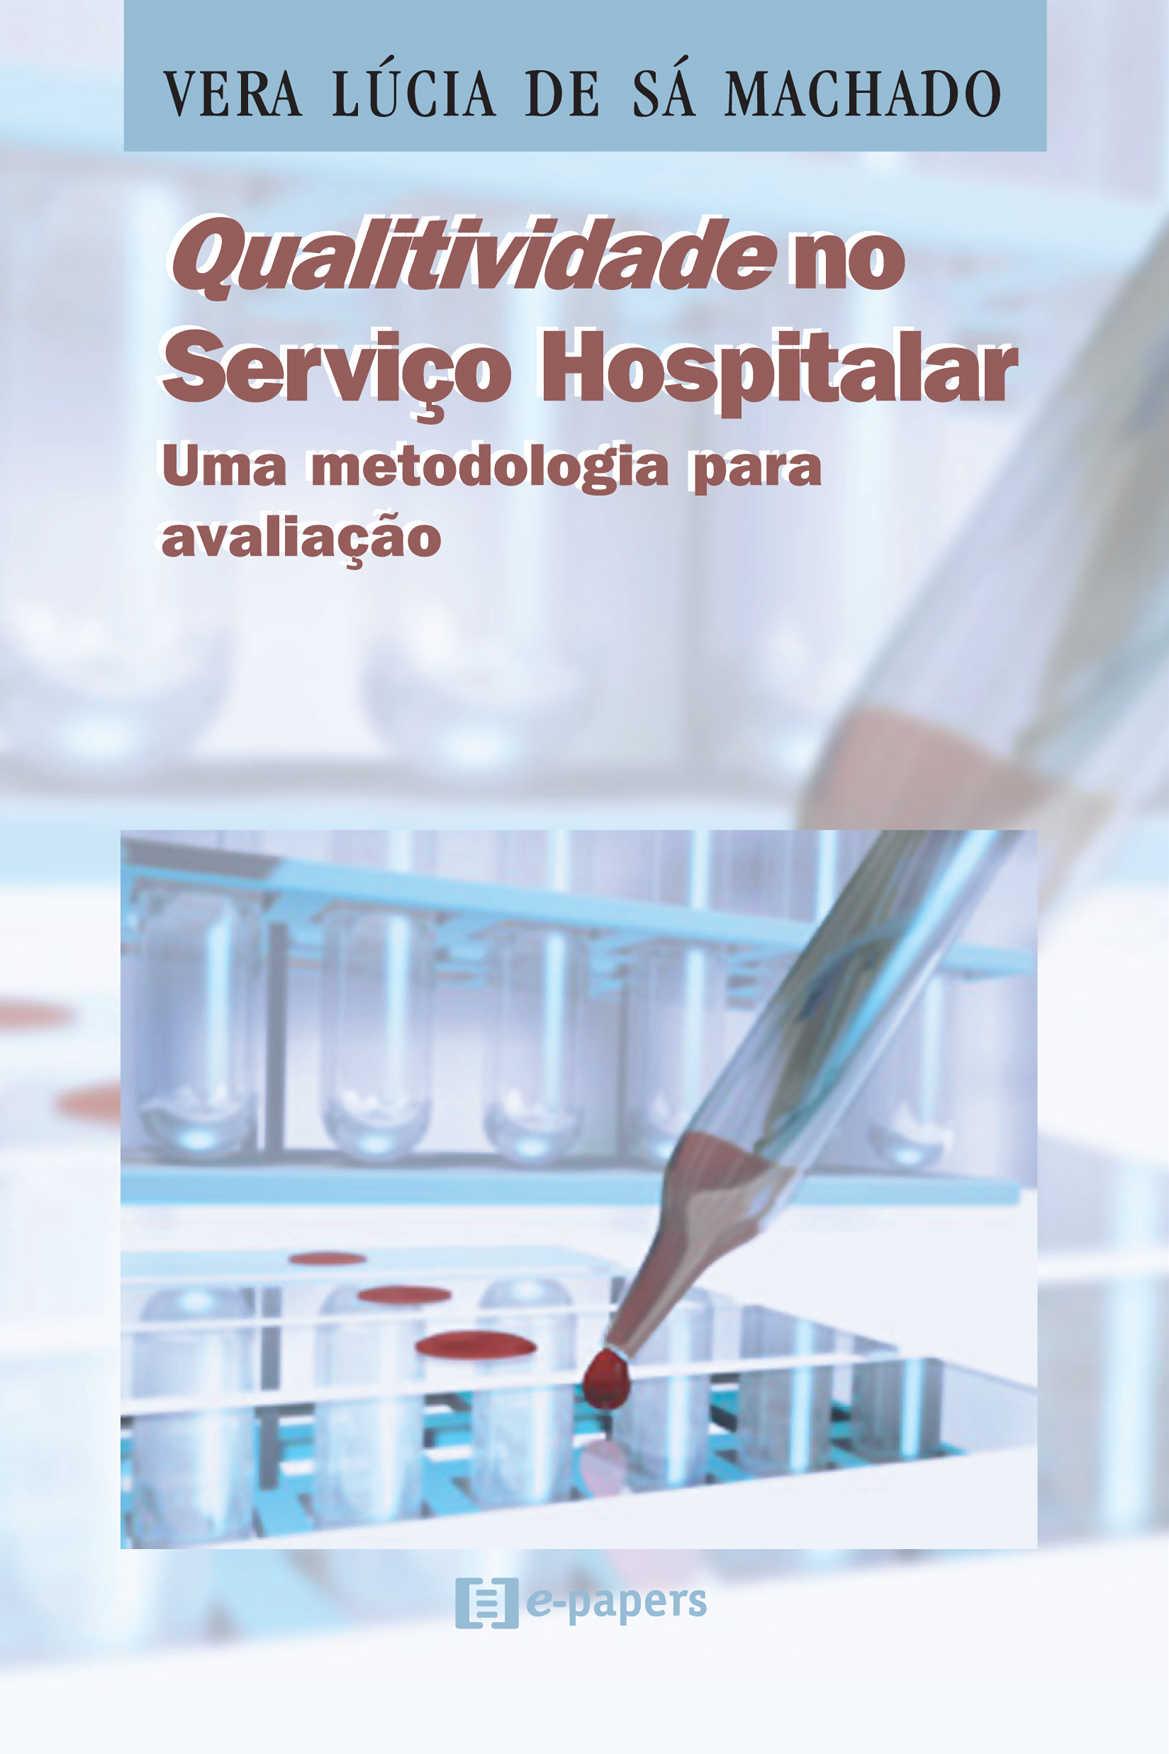 Qualitividade no Serviço Hospitalar: Uma metodologia para avaliação